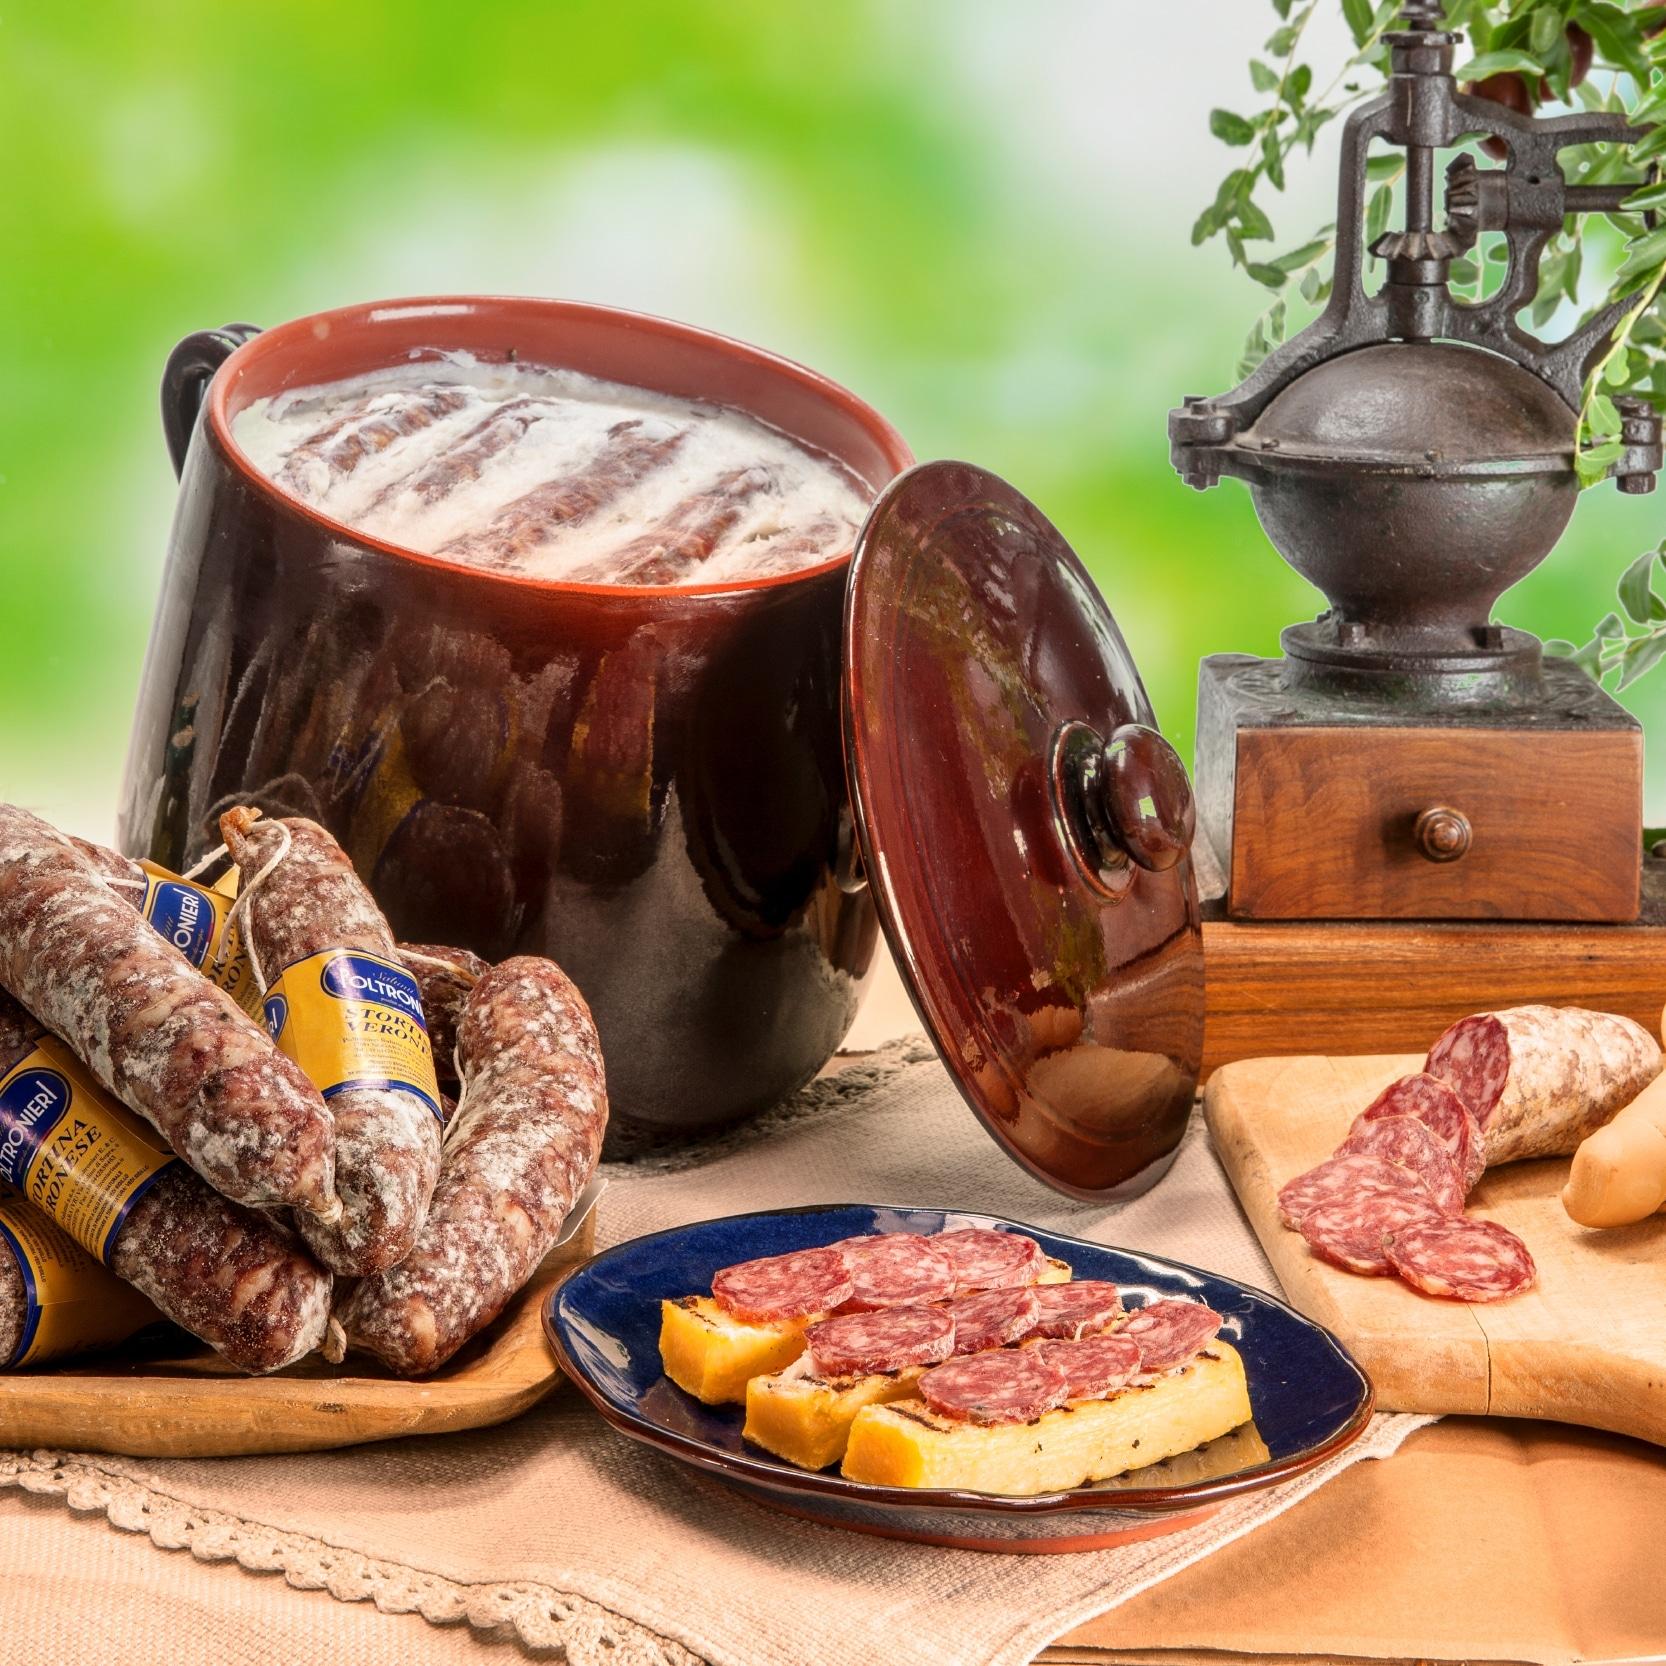 STORTINA VERONESE PRESIDIO SLOW FOOD